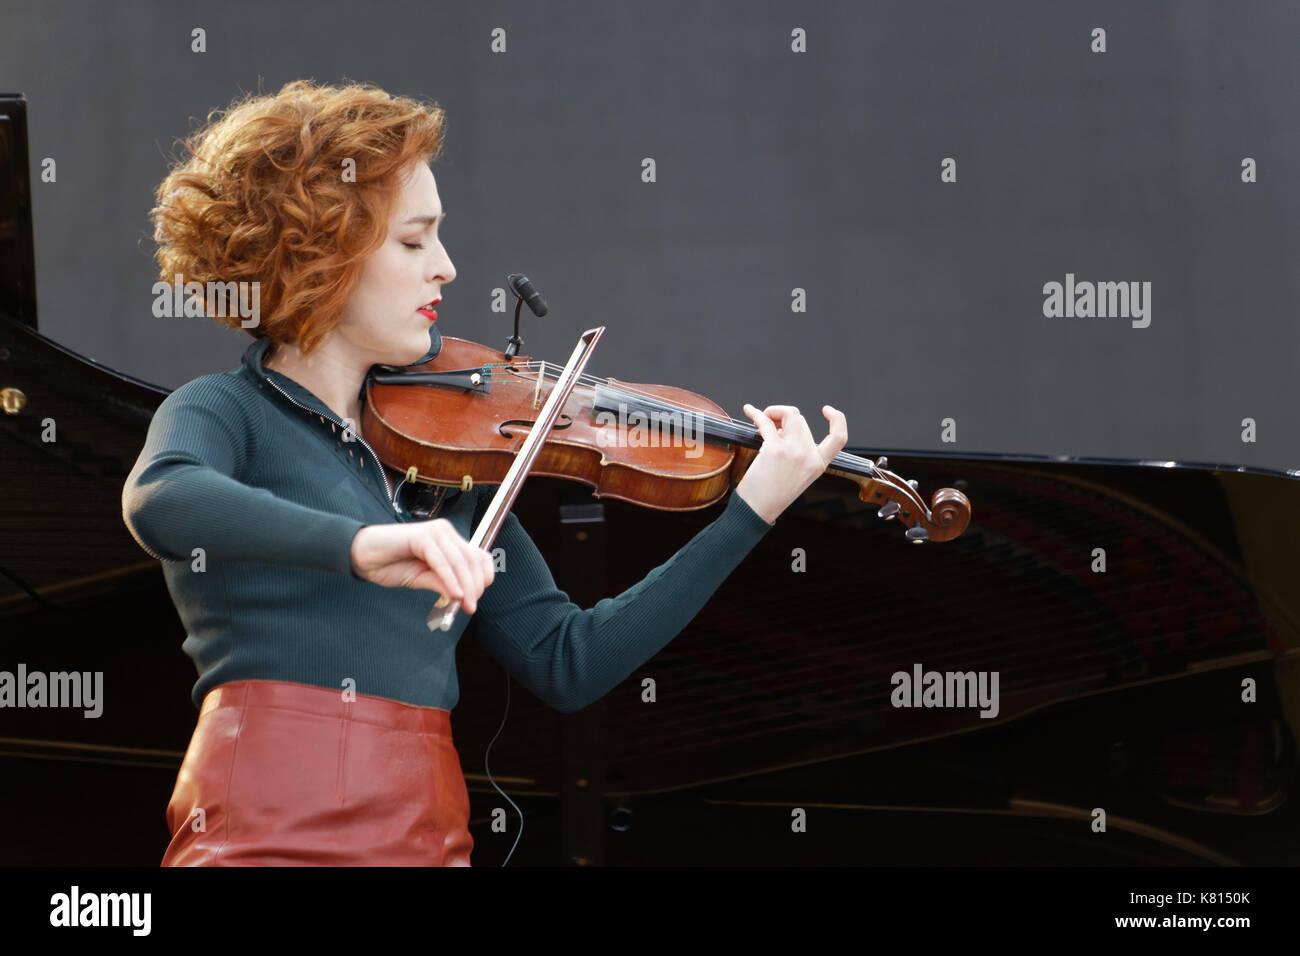 La Courneuve, France. 17th Sep, 2017. Julie Berthollet performs at the Fête de l'humanité, on September 17, 2017 in La Courneuve. Credit: Bernard Menigault/Alamy Live News - Stock Image